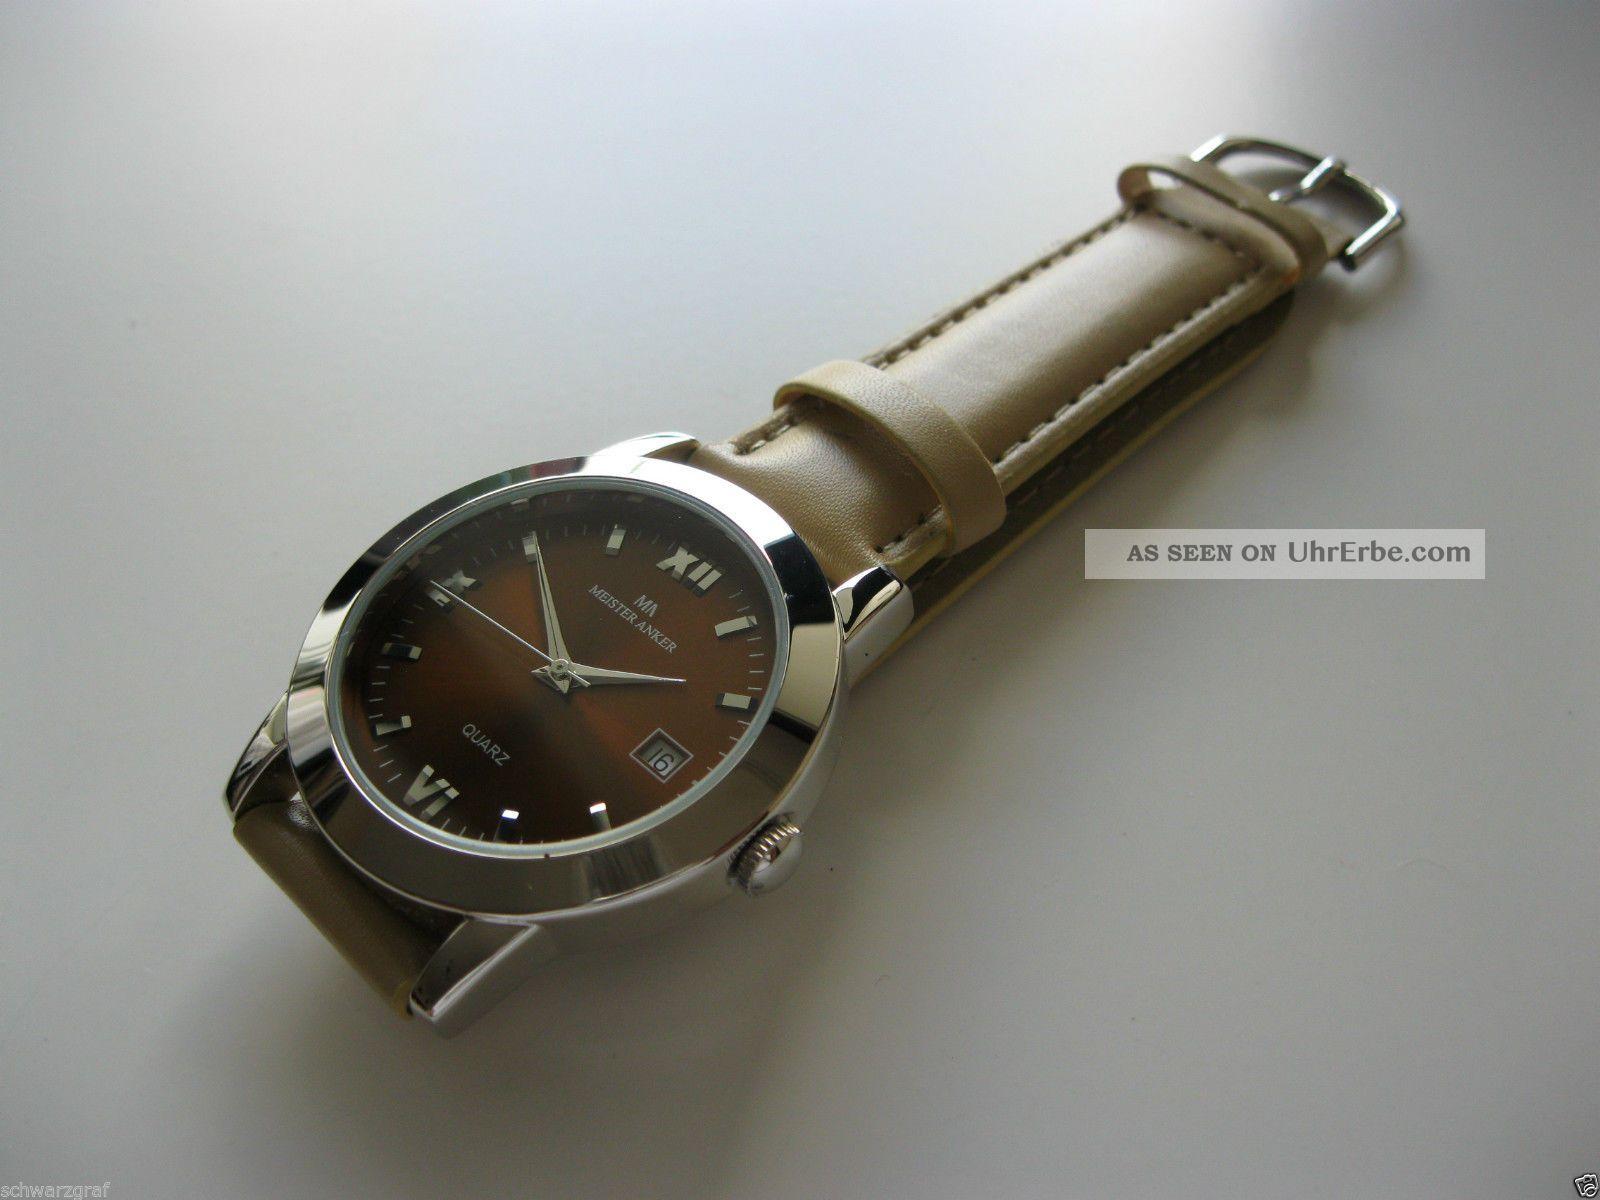 Meister - Anker Herrenuhr,  Datum,  Analog,  Quarzwerk, Armbanduhren Bild